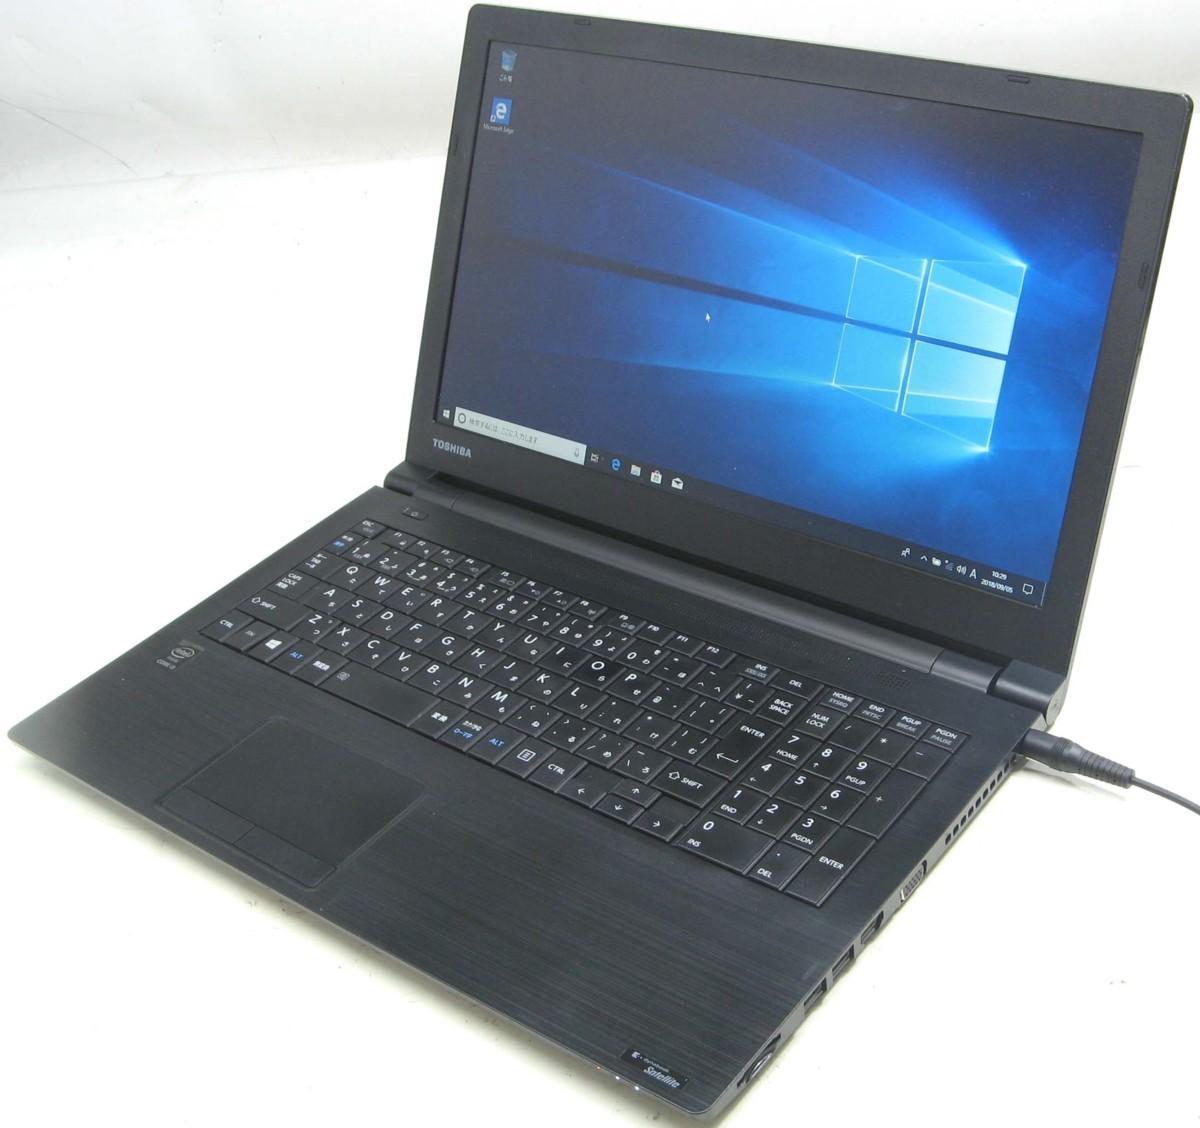 中古ノートパソコン 東芝 dynabook B35/R PB35RFAD4R7AD81(東芝 Windows10 Corei3 HDMI出力端子 DVDスーパーマルチドライブ)【中古】【中古パソコン/中古PC】